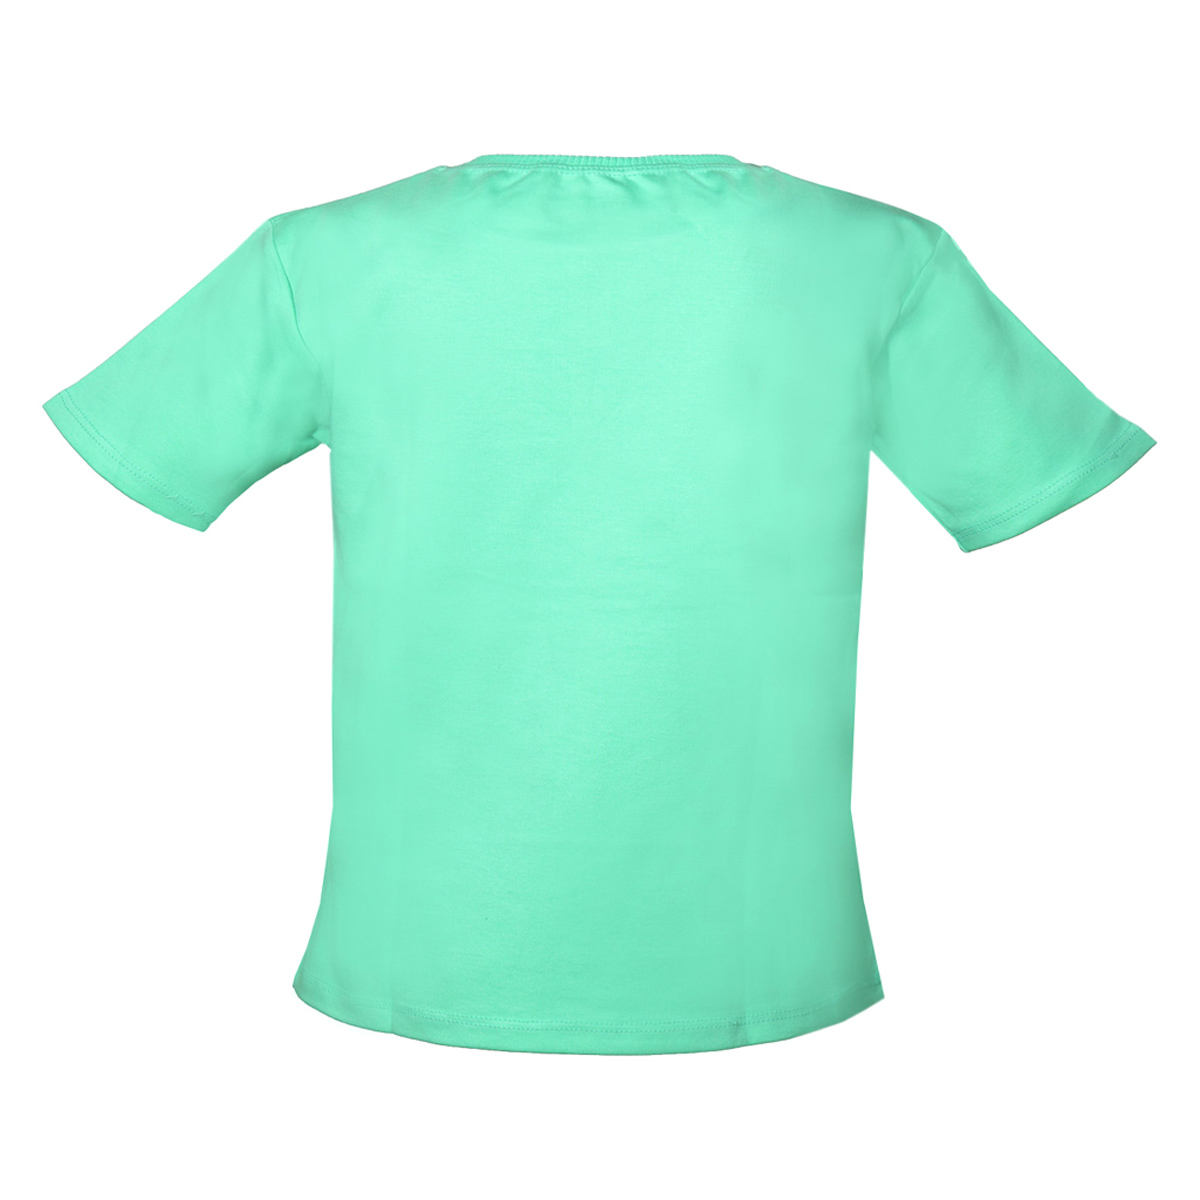 ست تی شرت و شلوارک پسرانه کد 4174 -  - 3